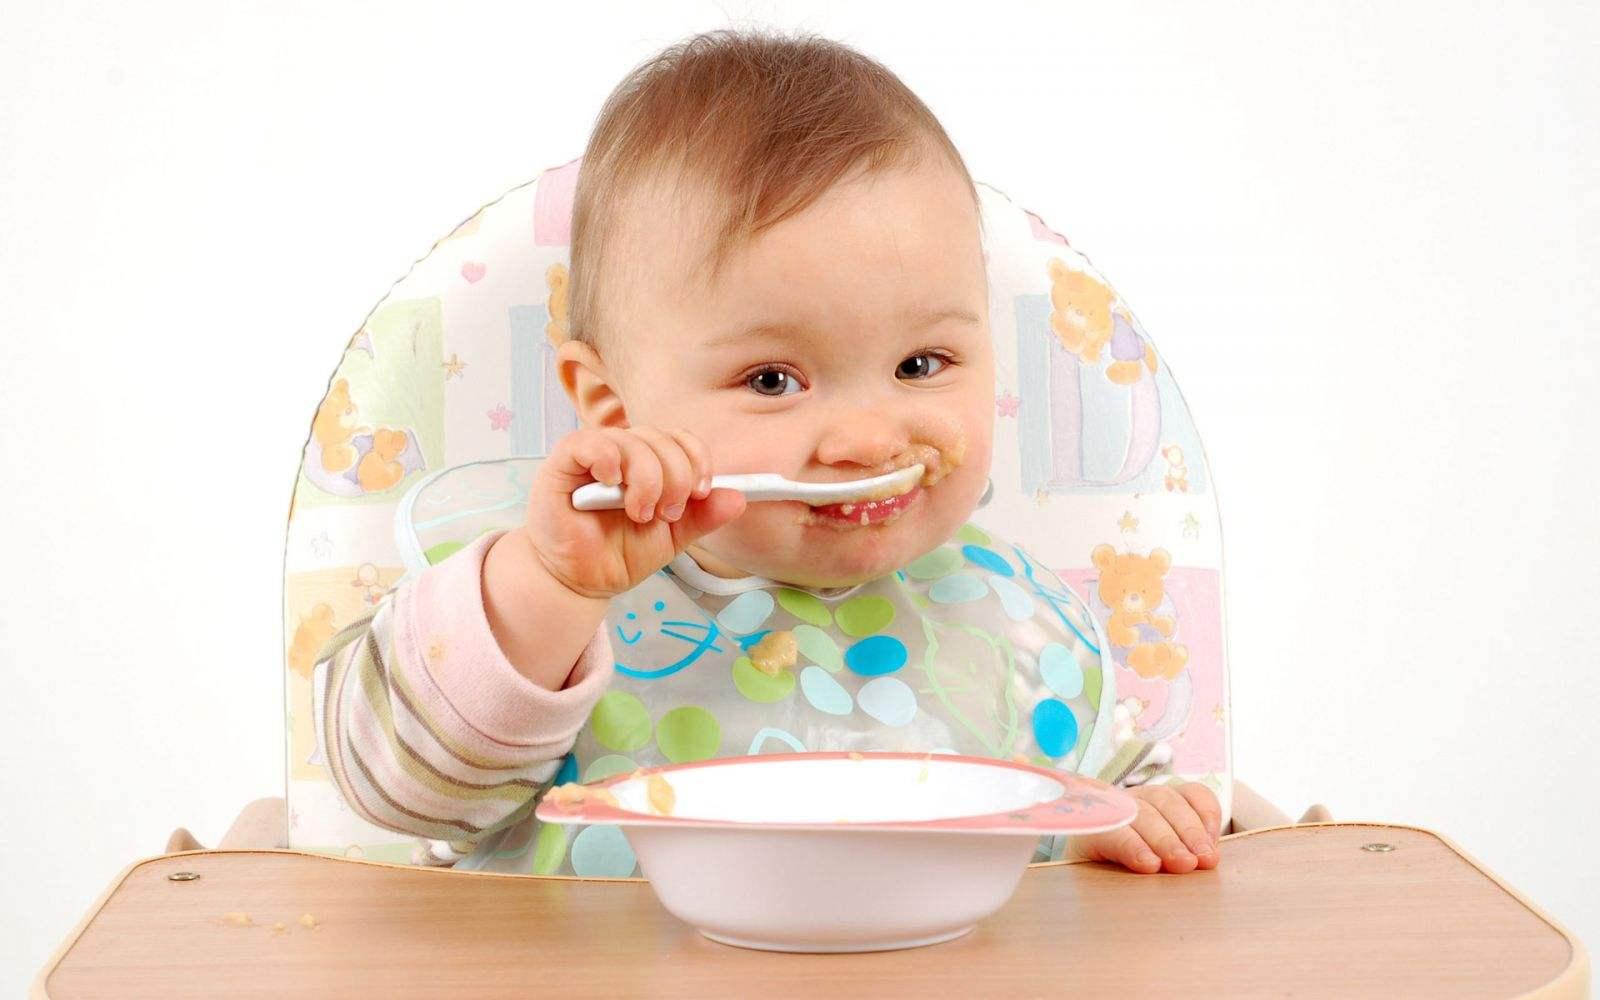 宝宝1岁吃什么好?需要添加什么辅食